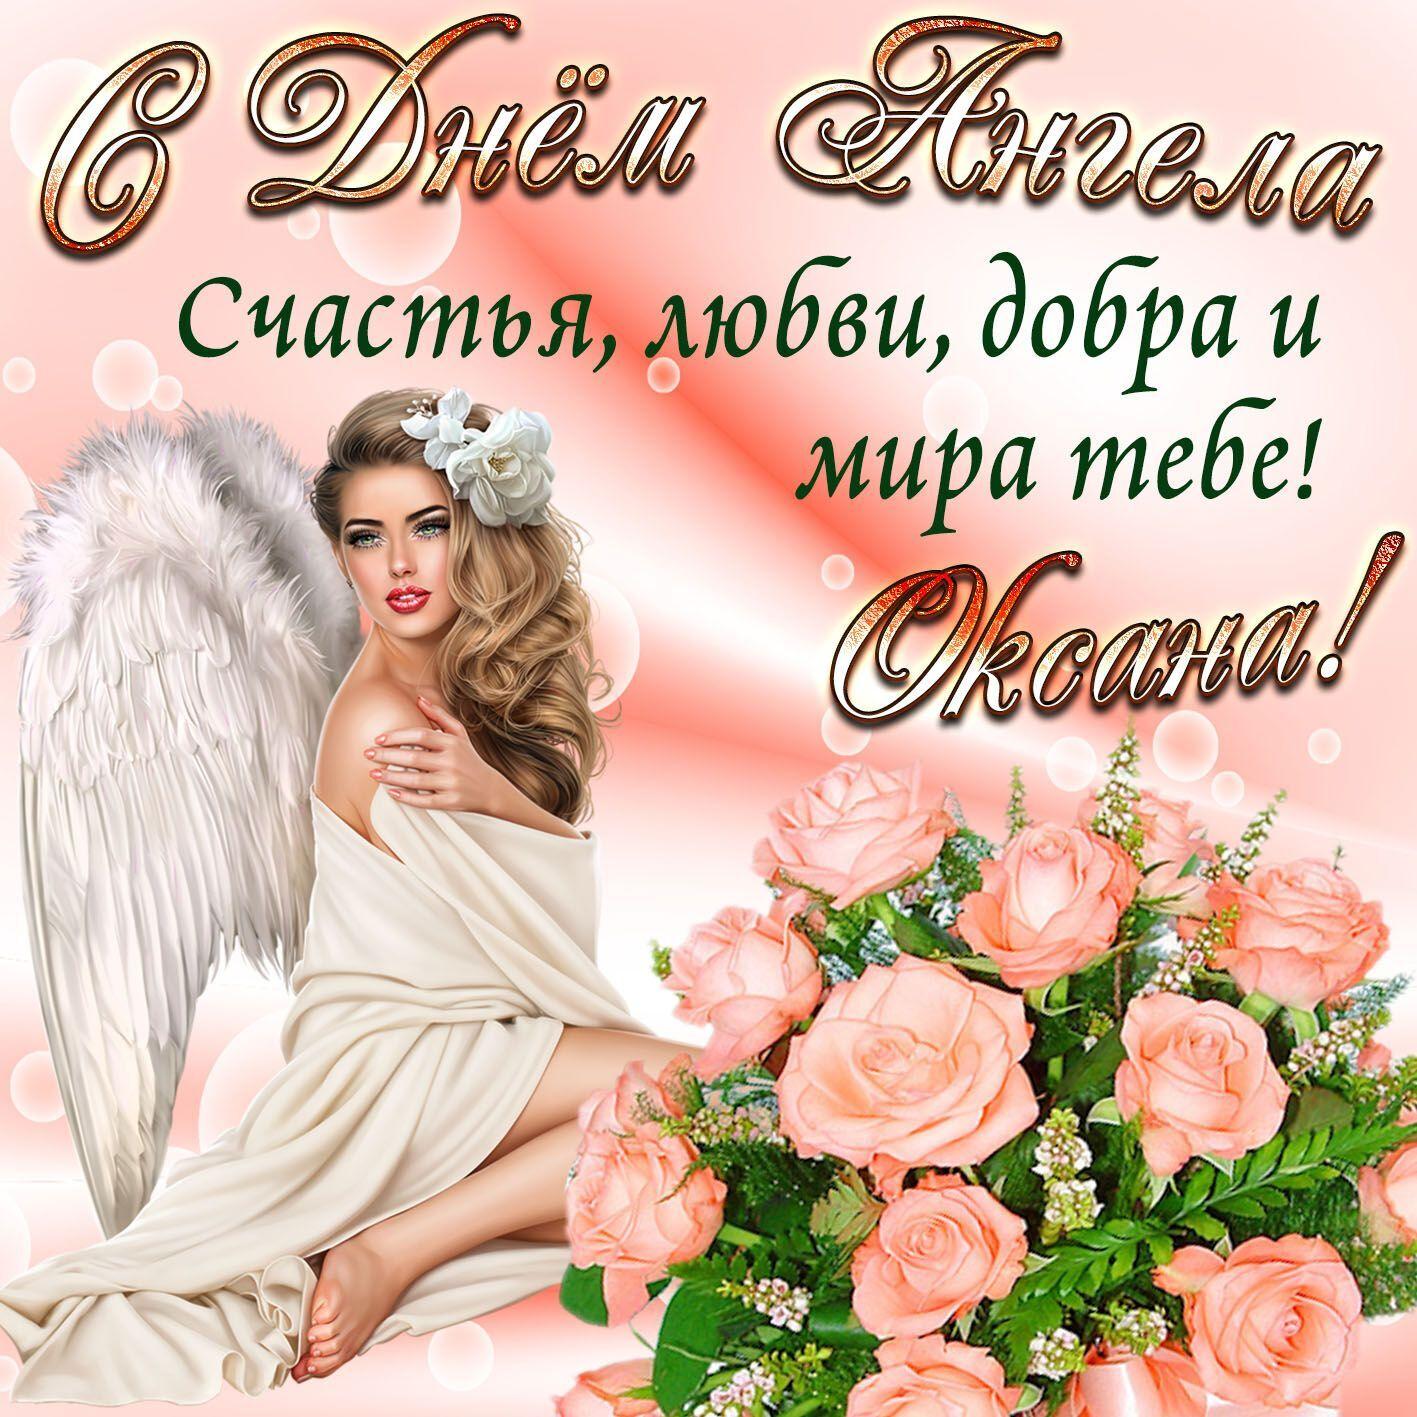 С днем ангела Оксаны